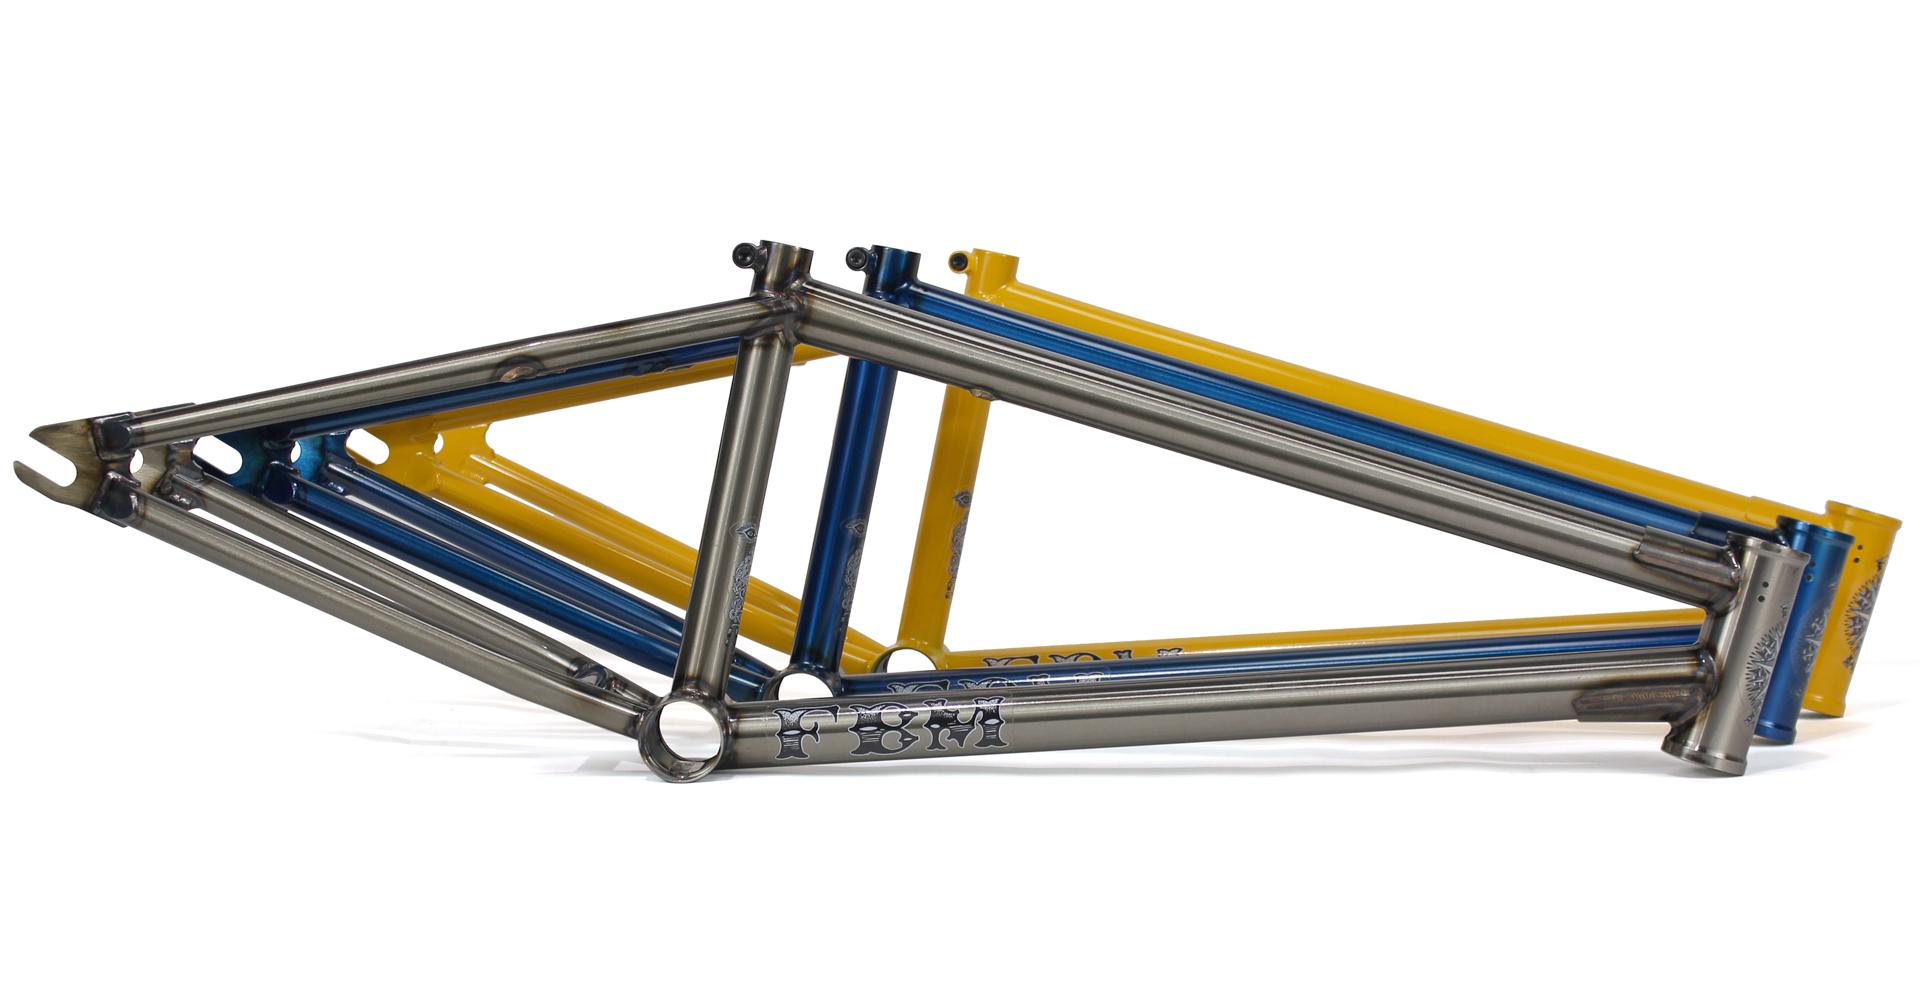 New FBM Gypsy Frames! – FBM Bike Co.